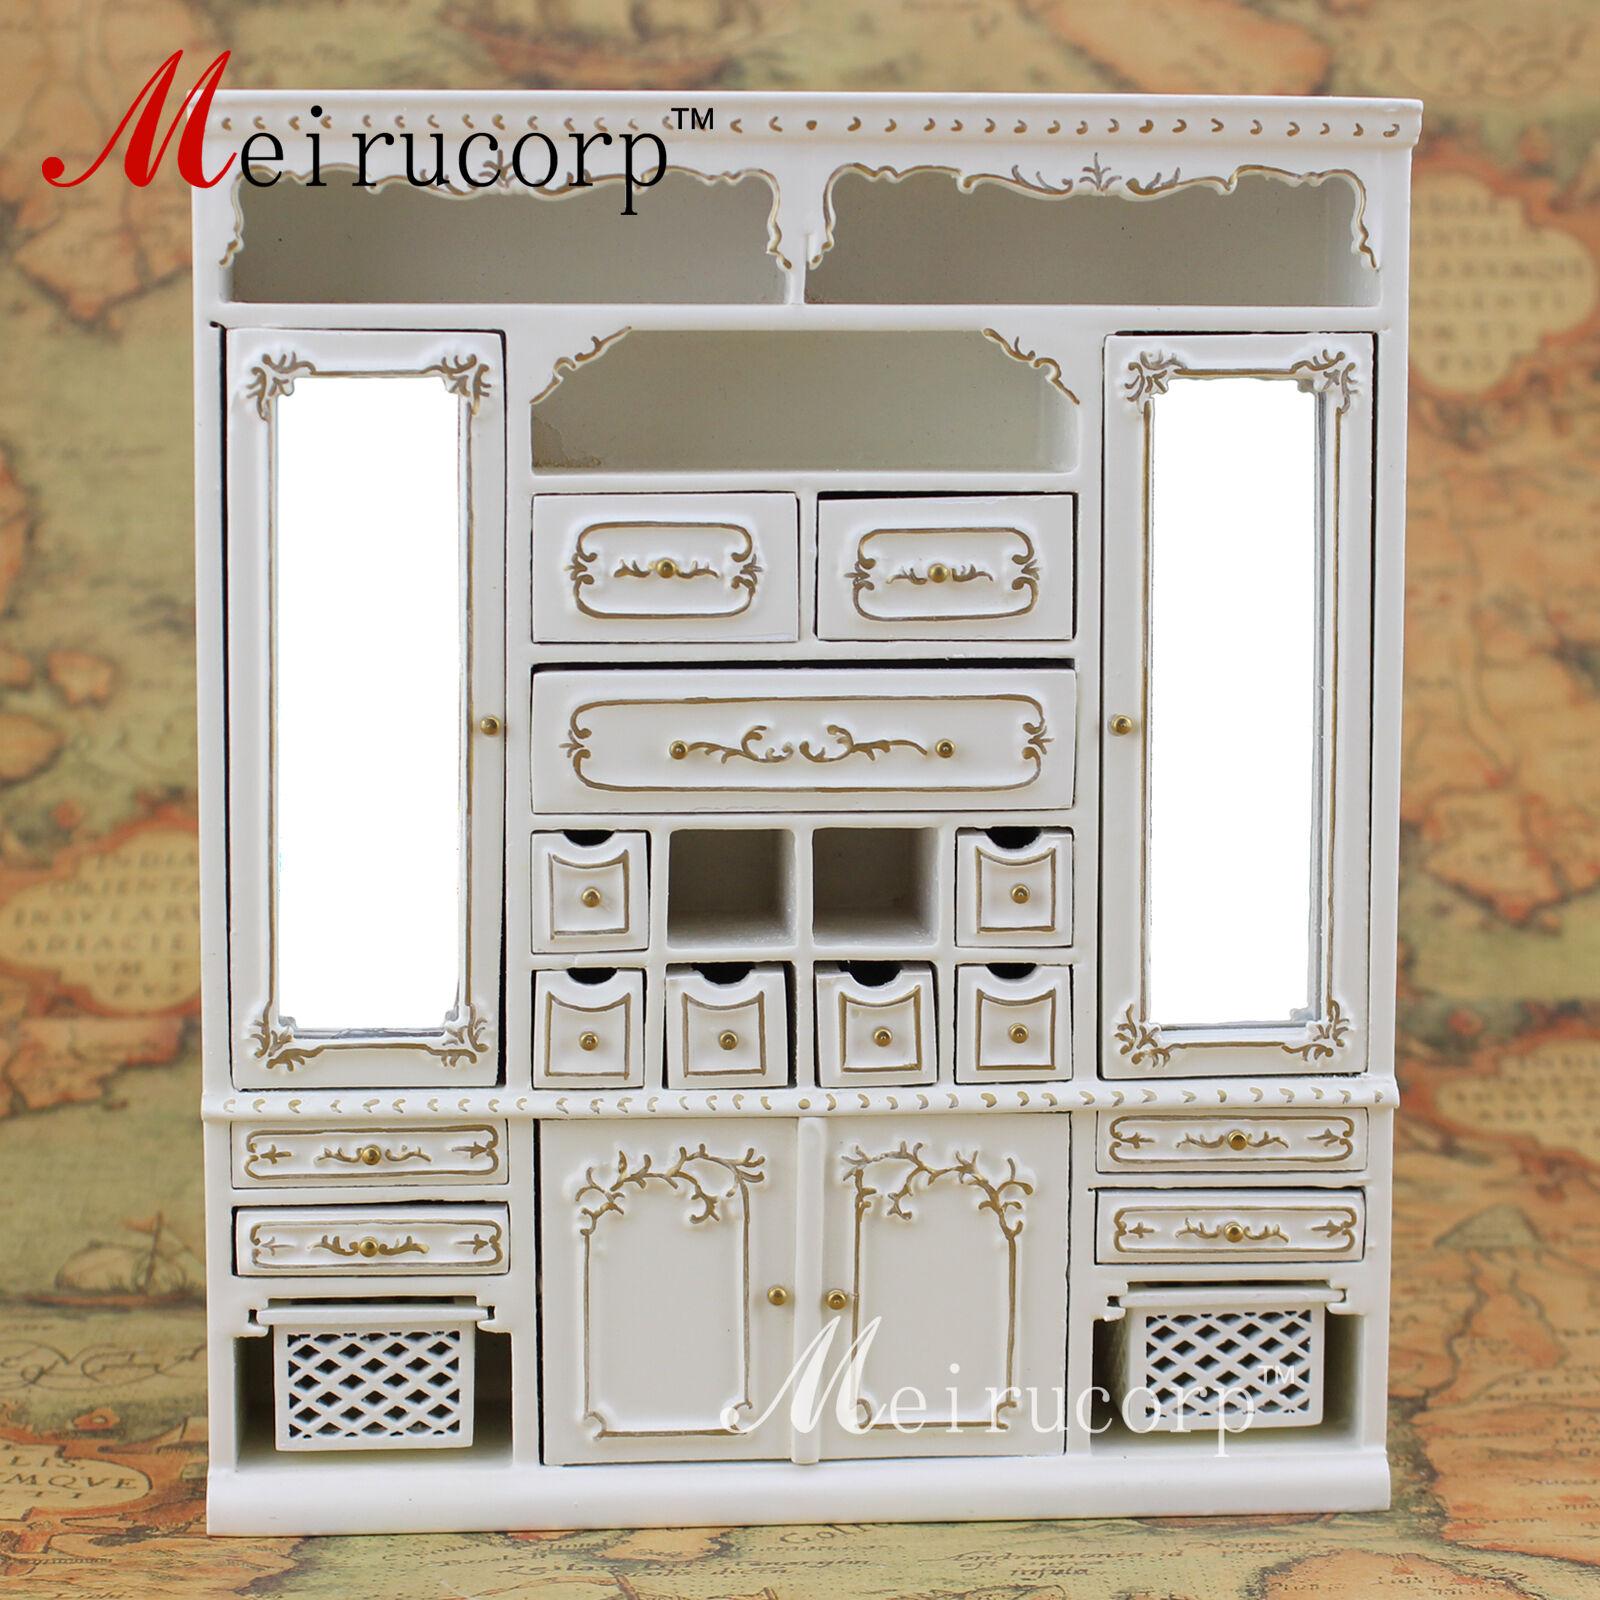 Casa de muñecas en miniatura muebles de escala 1 12 de alta calidad hecho a mano Dorado principal del gabinete